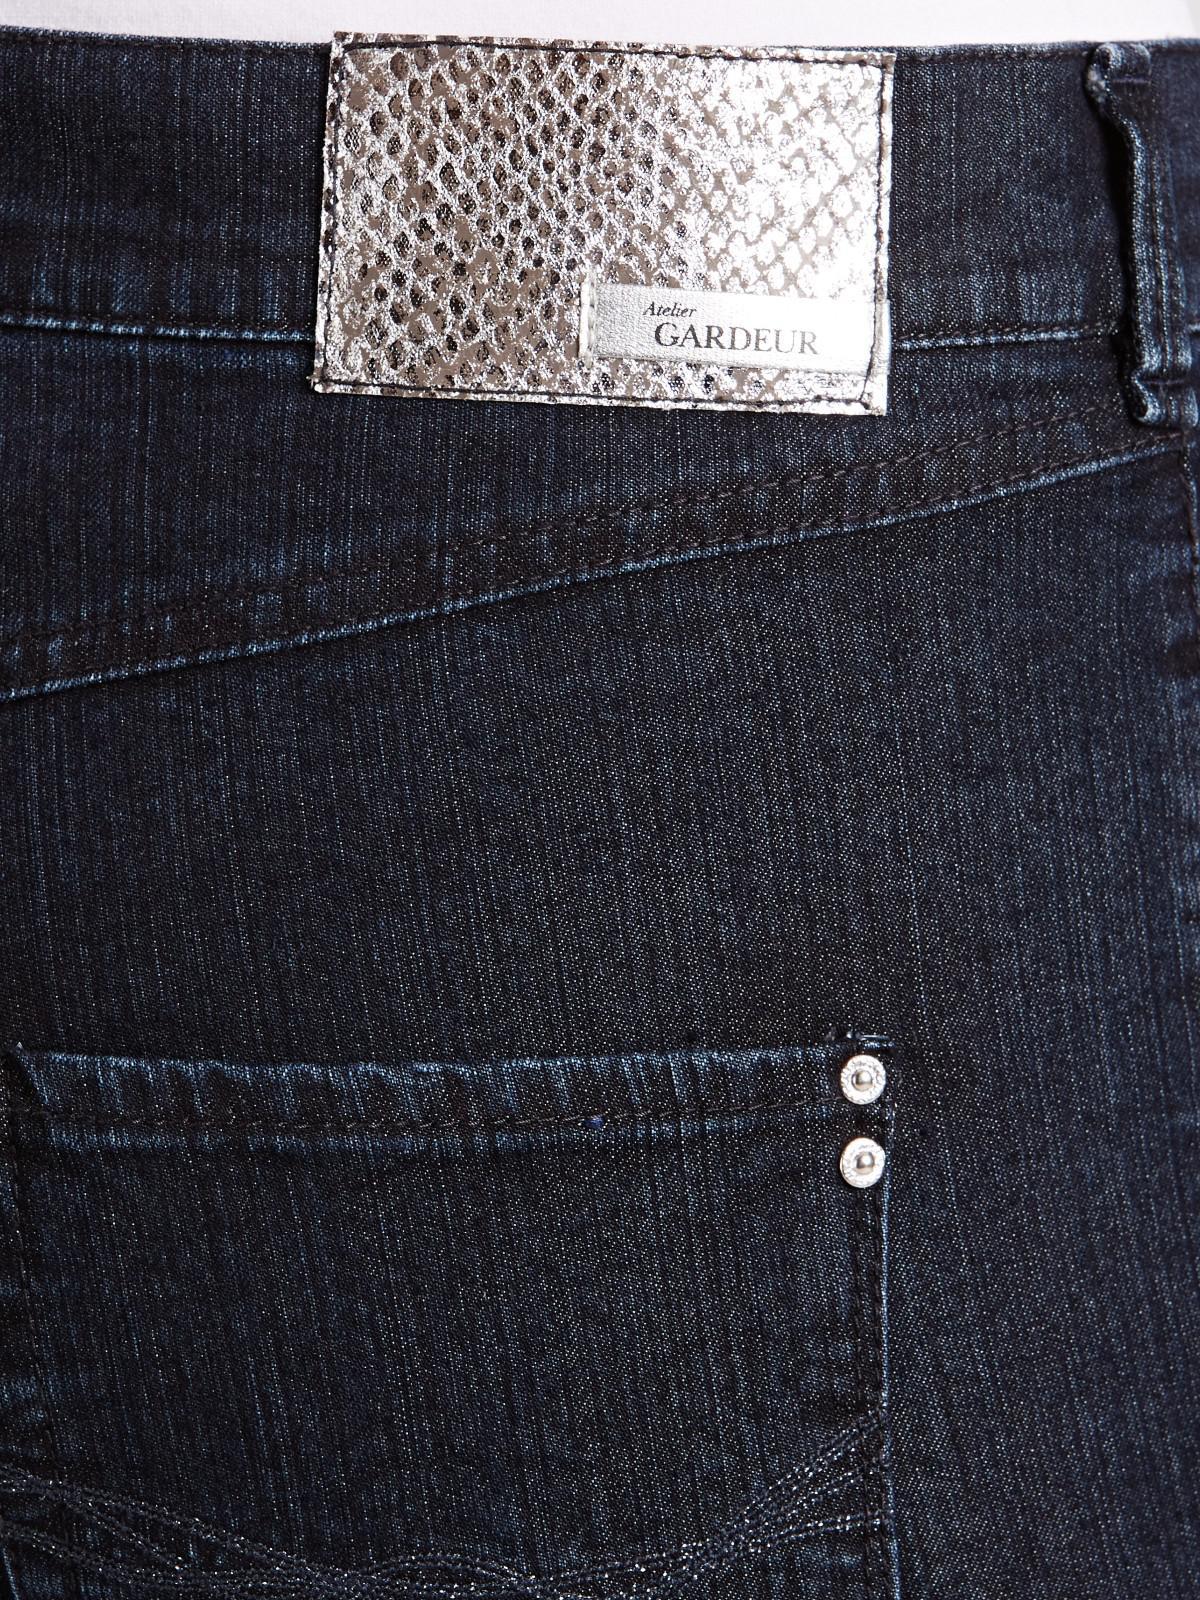 Gardeur Denim Inga Jeans in Blue